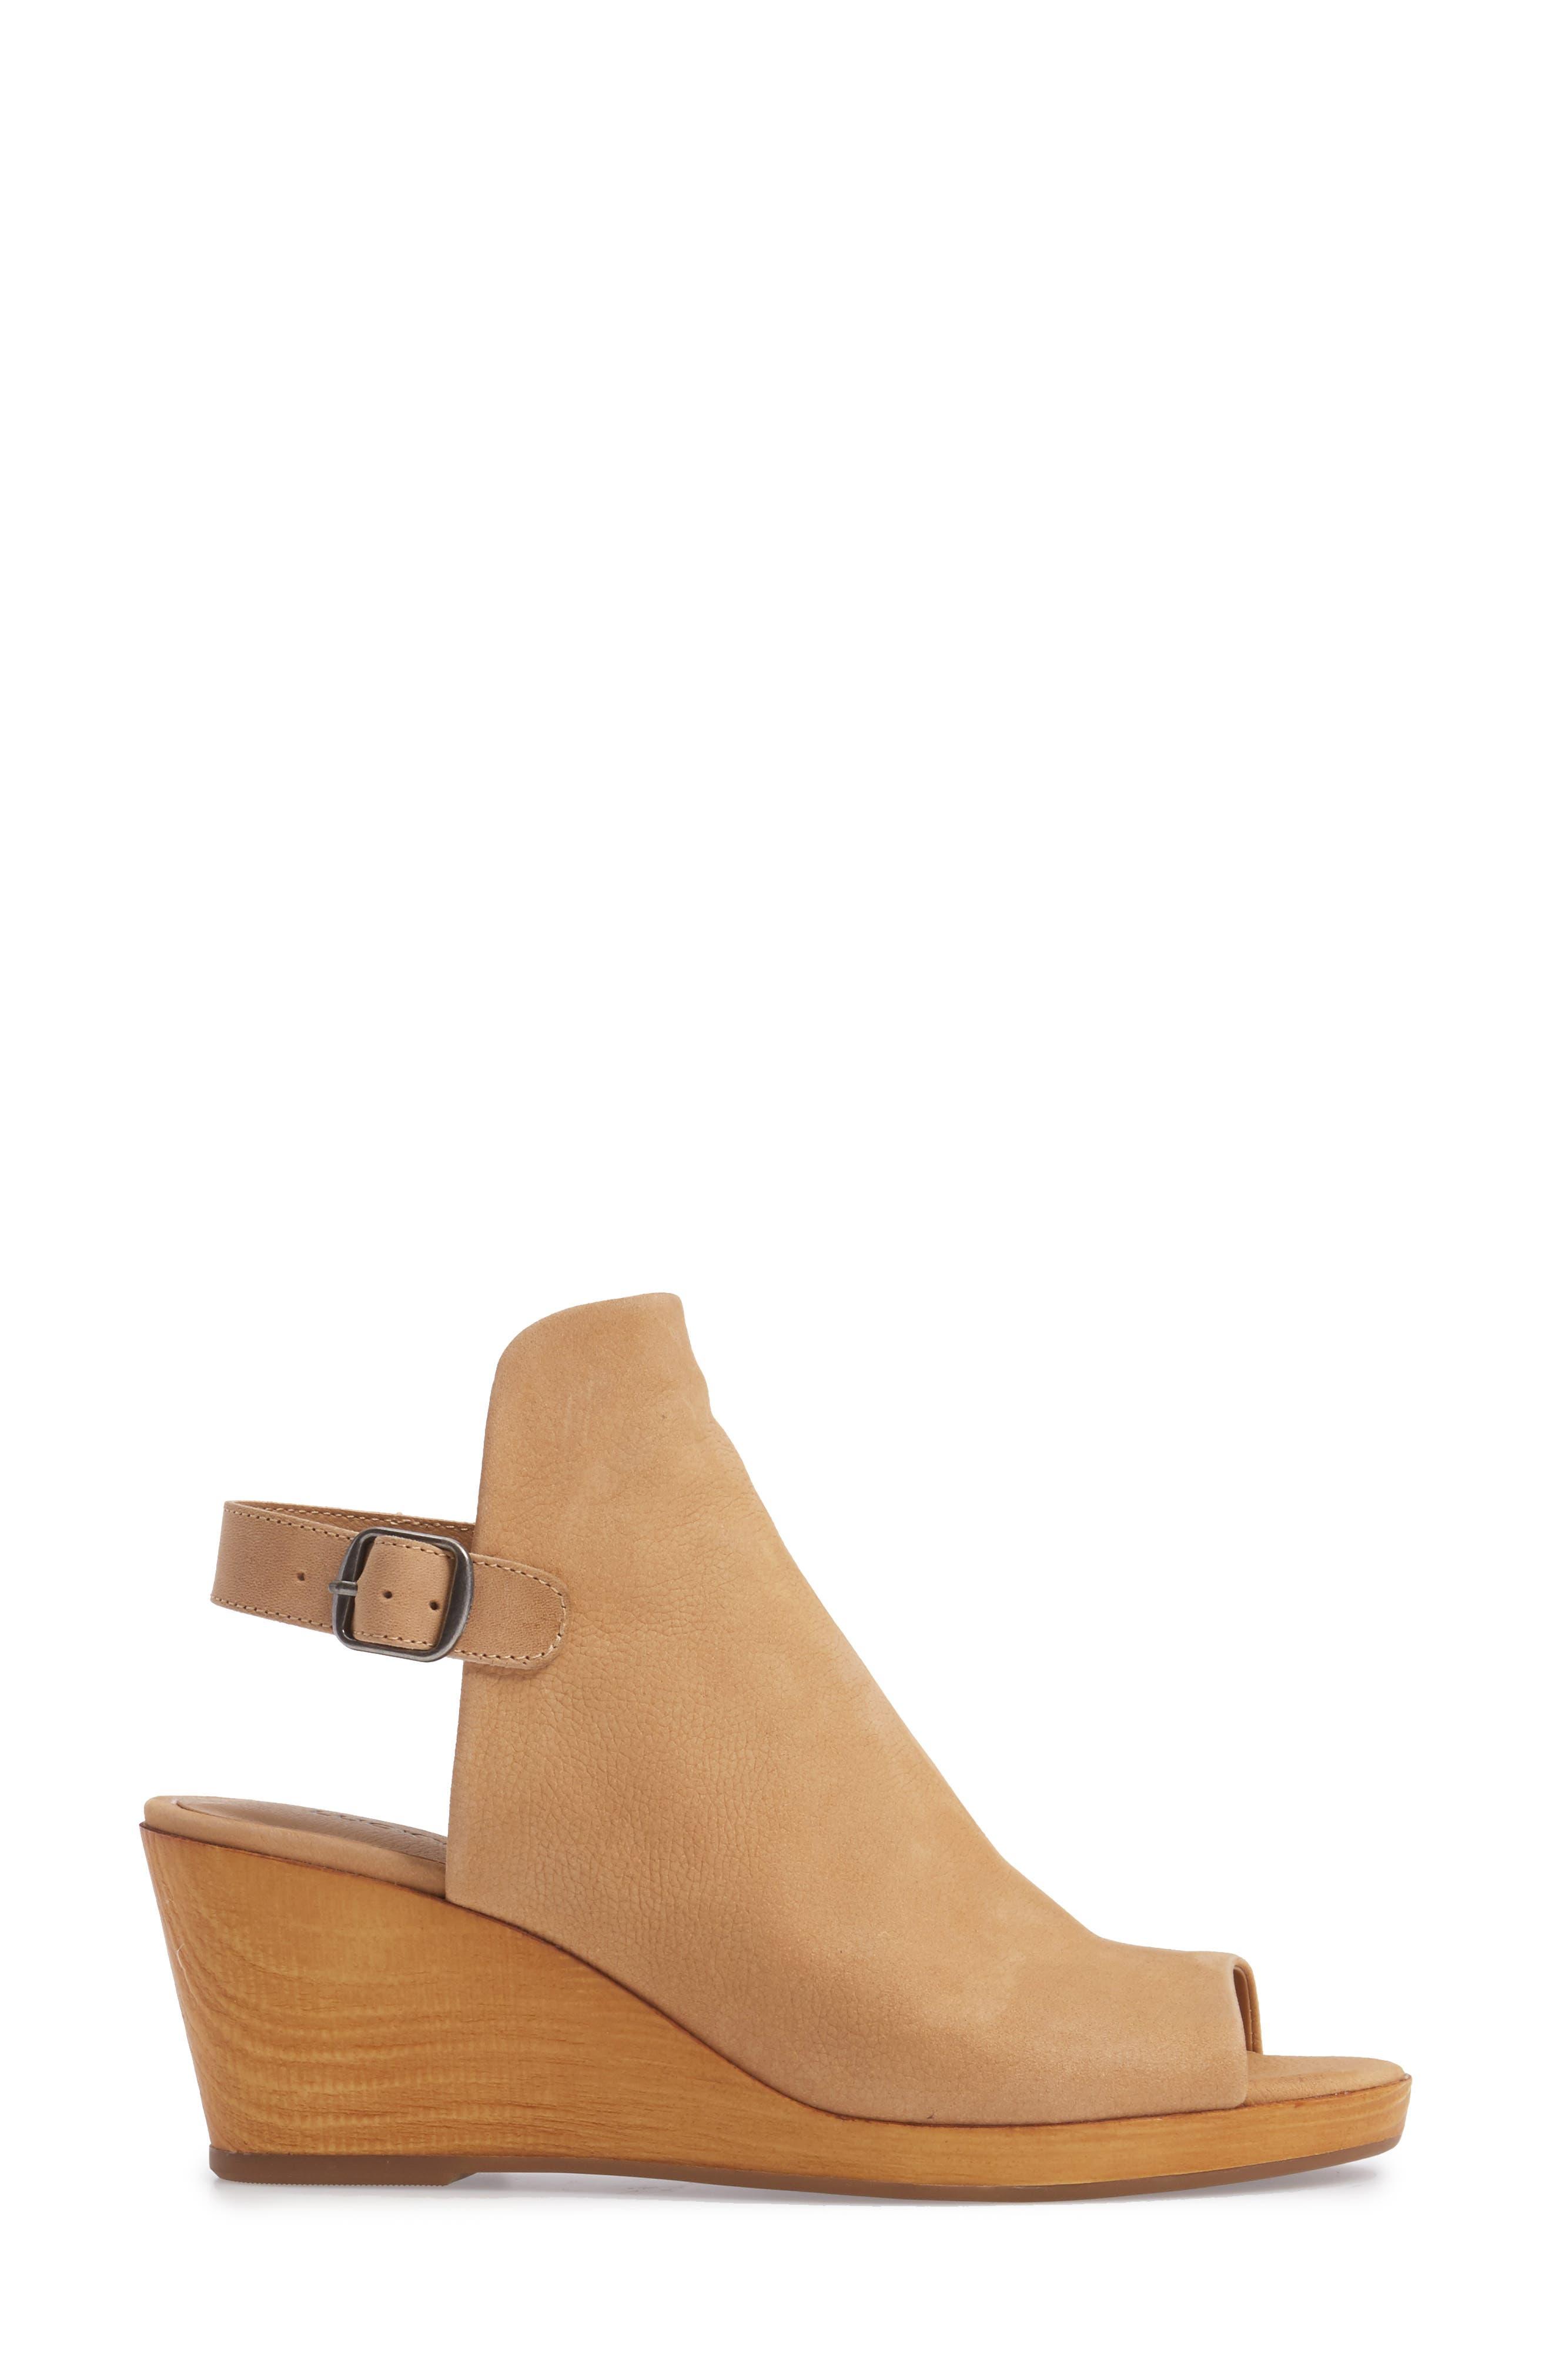 Alternate Image 3  - Lucky Brand Keralin Wedge Sandal (Women)